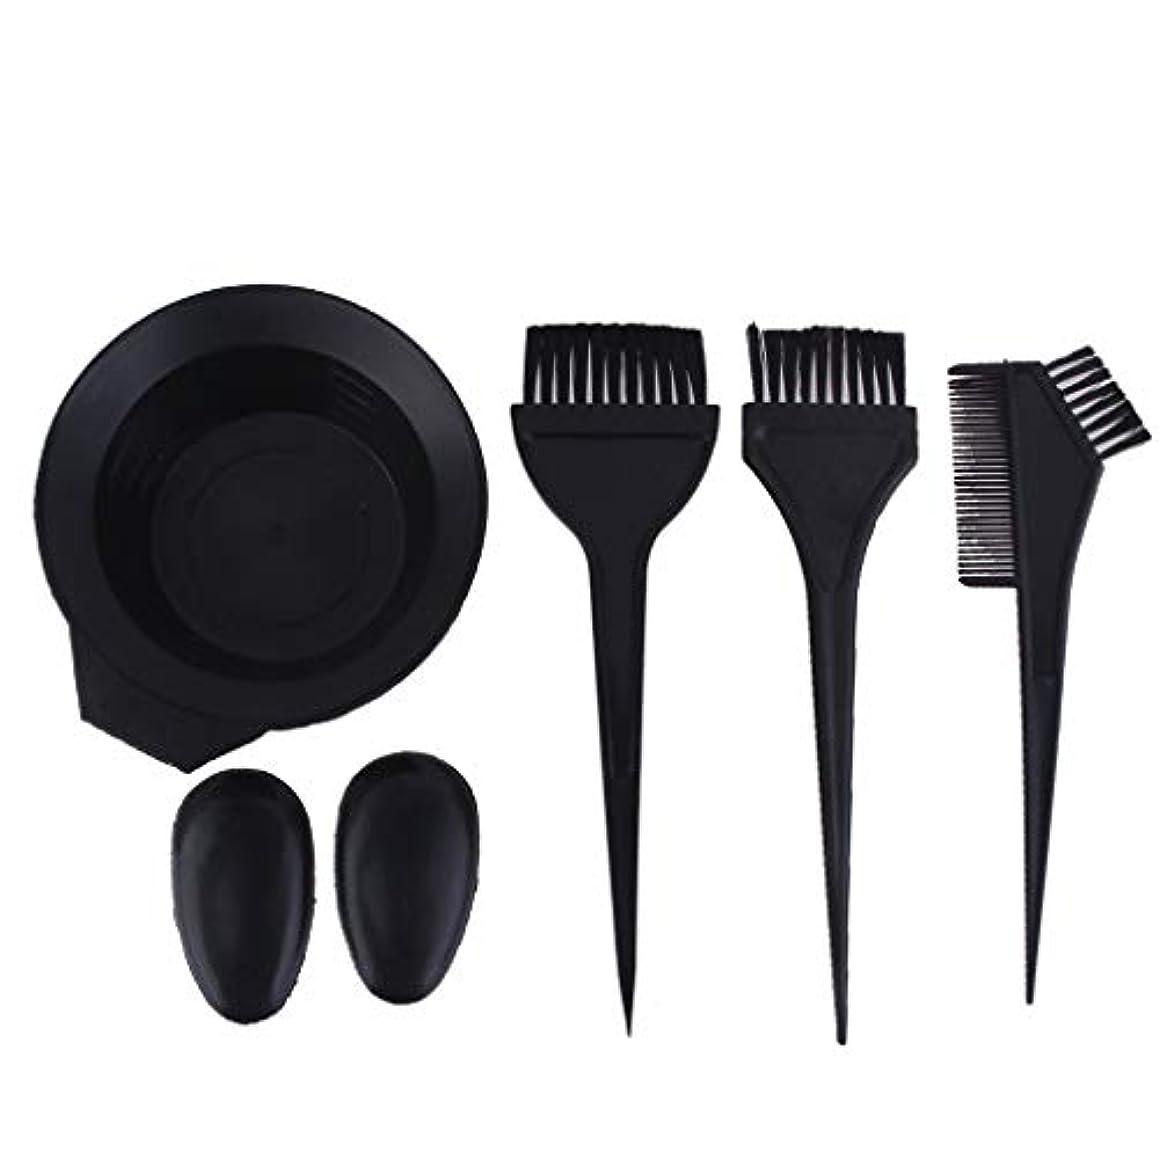 叱る前述のコミュニケーションサロンの髪染めのためのプラスチック黒髪ボウル櫛ブラシキット